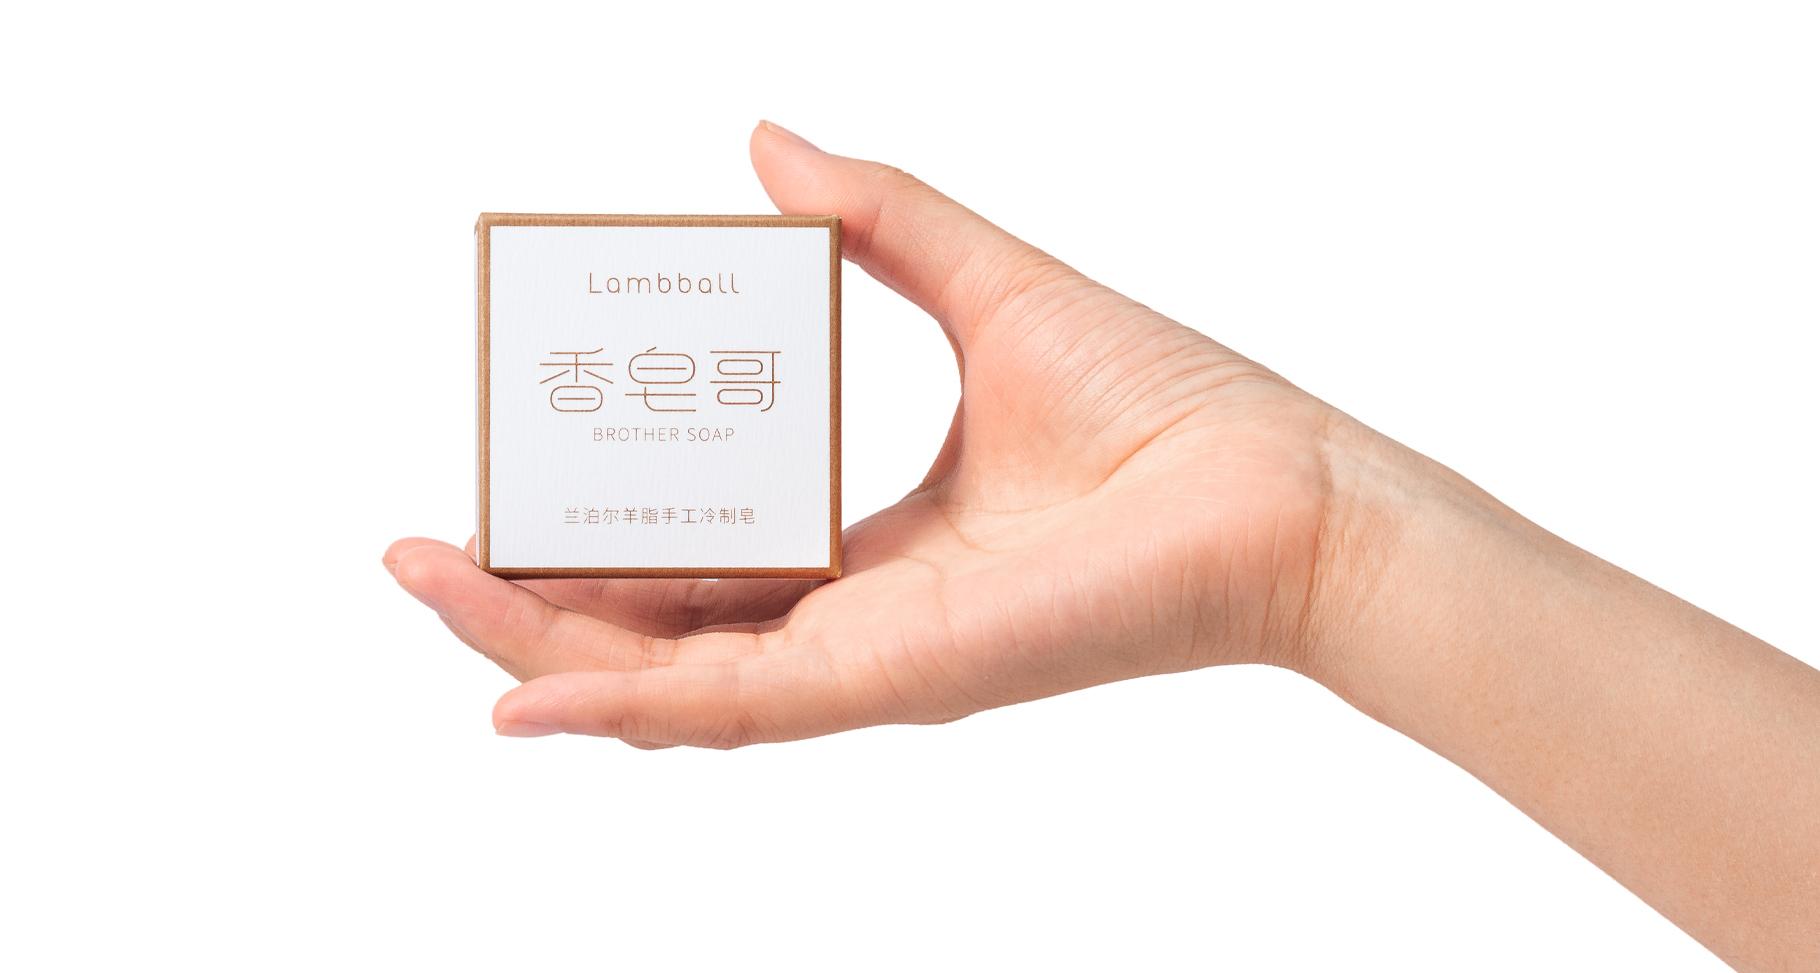 lambball品牌系列产品包装设计 第1张 lambball品牌系列产品包装设计 蒙古设计